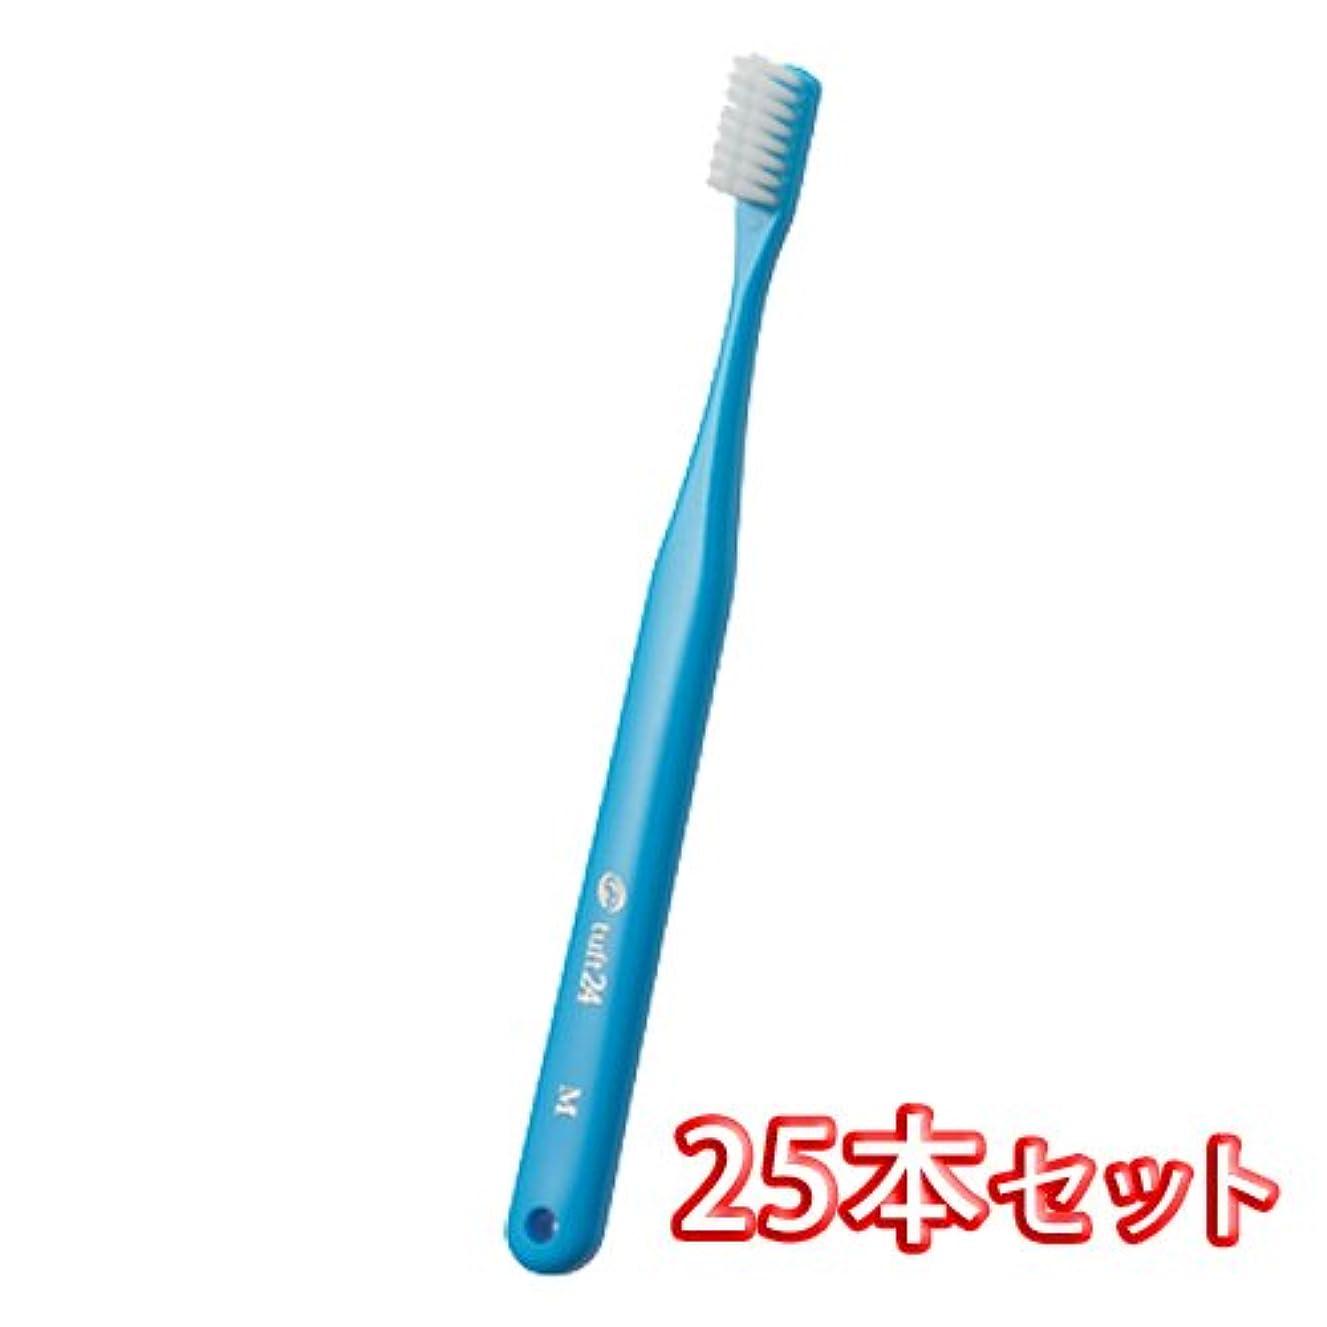 オーラルケア キャップ付き タフト 24歯ブラシ 25本入 ミディアム M (ブルー)